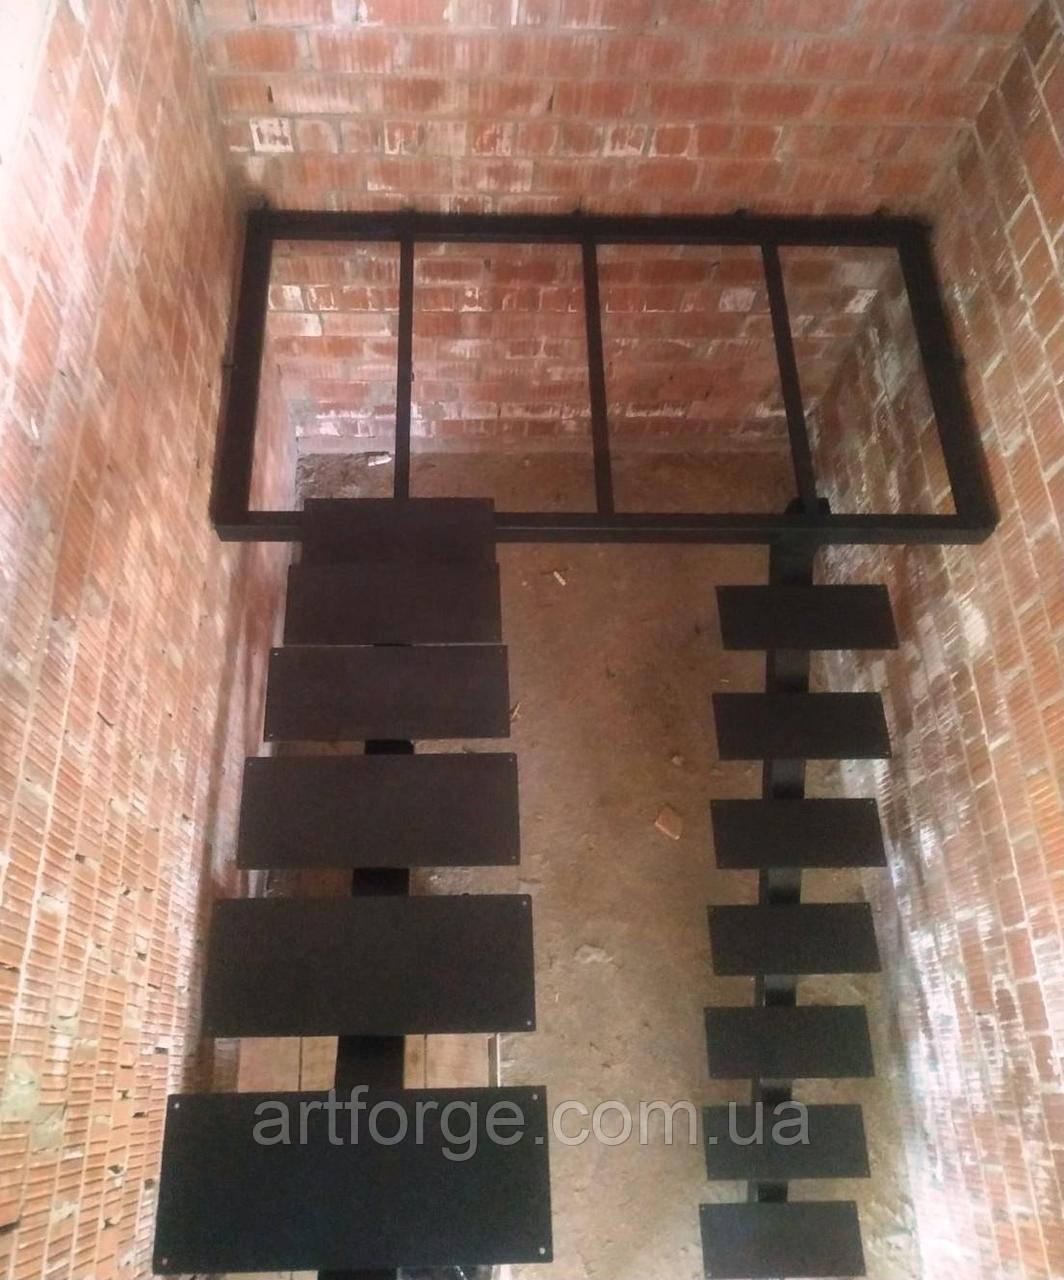 Каркас лестницы на монокосоуре. Лестница на центральной несущей.